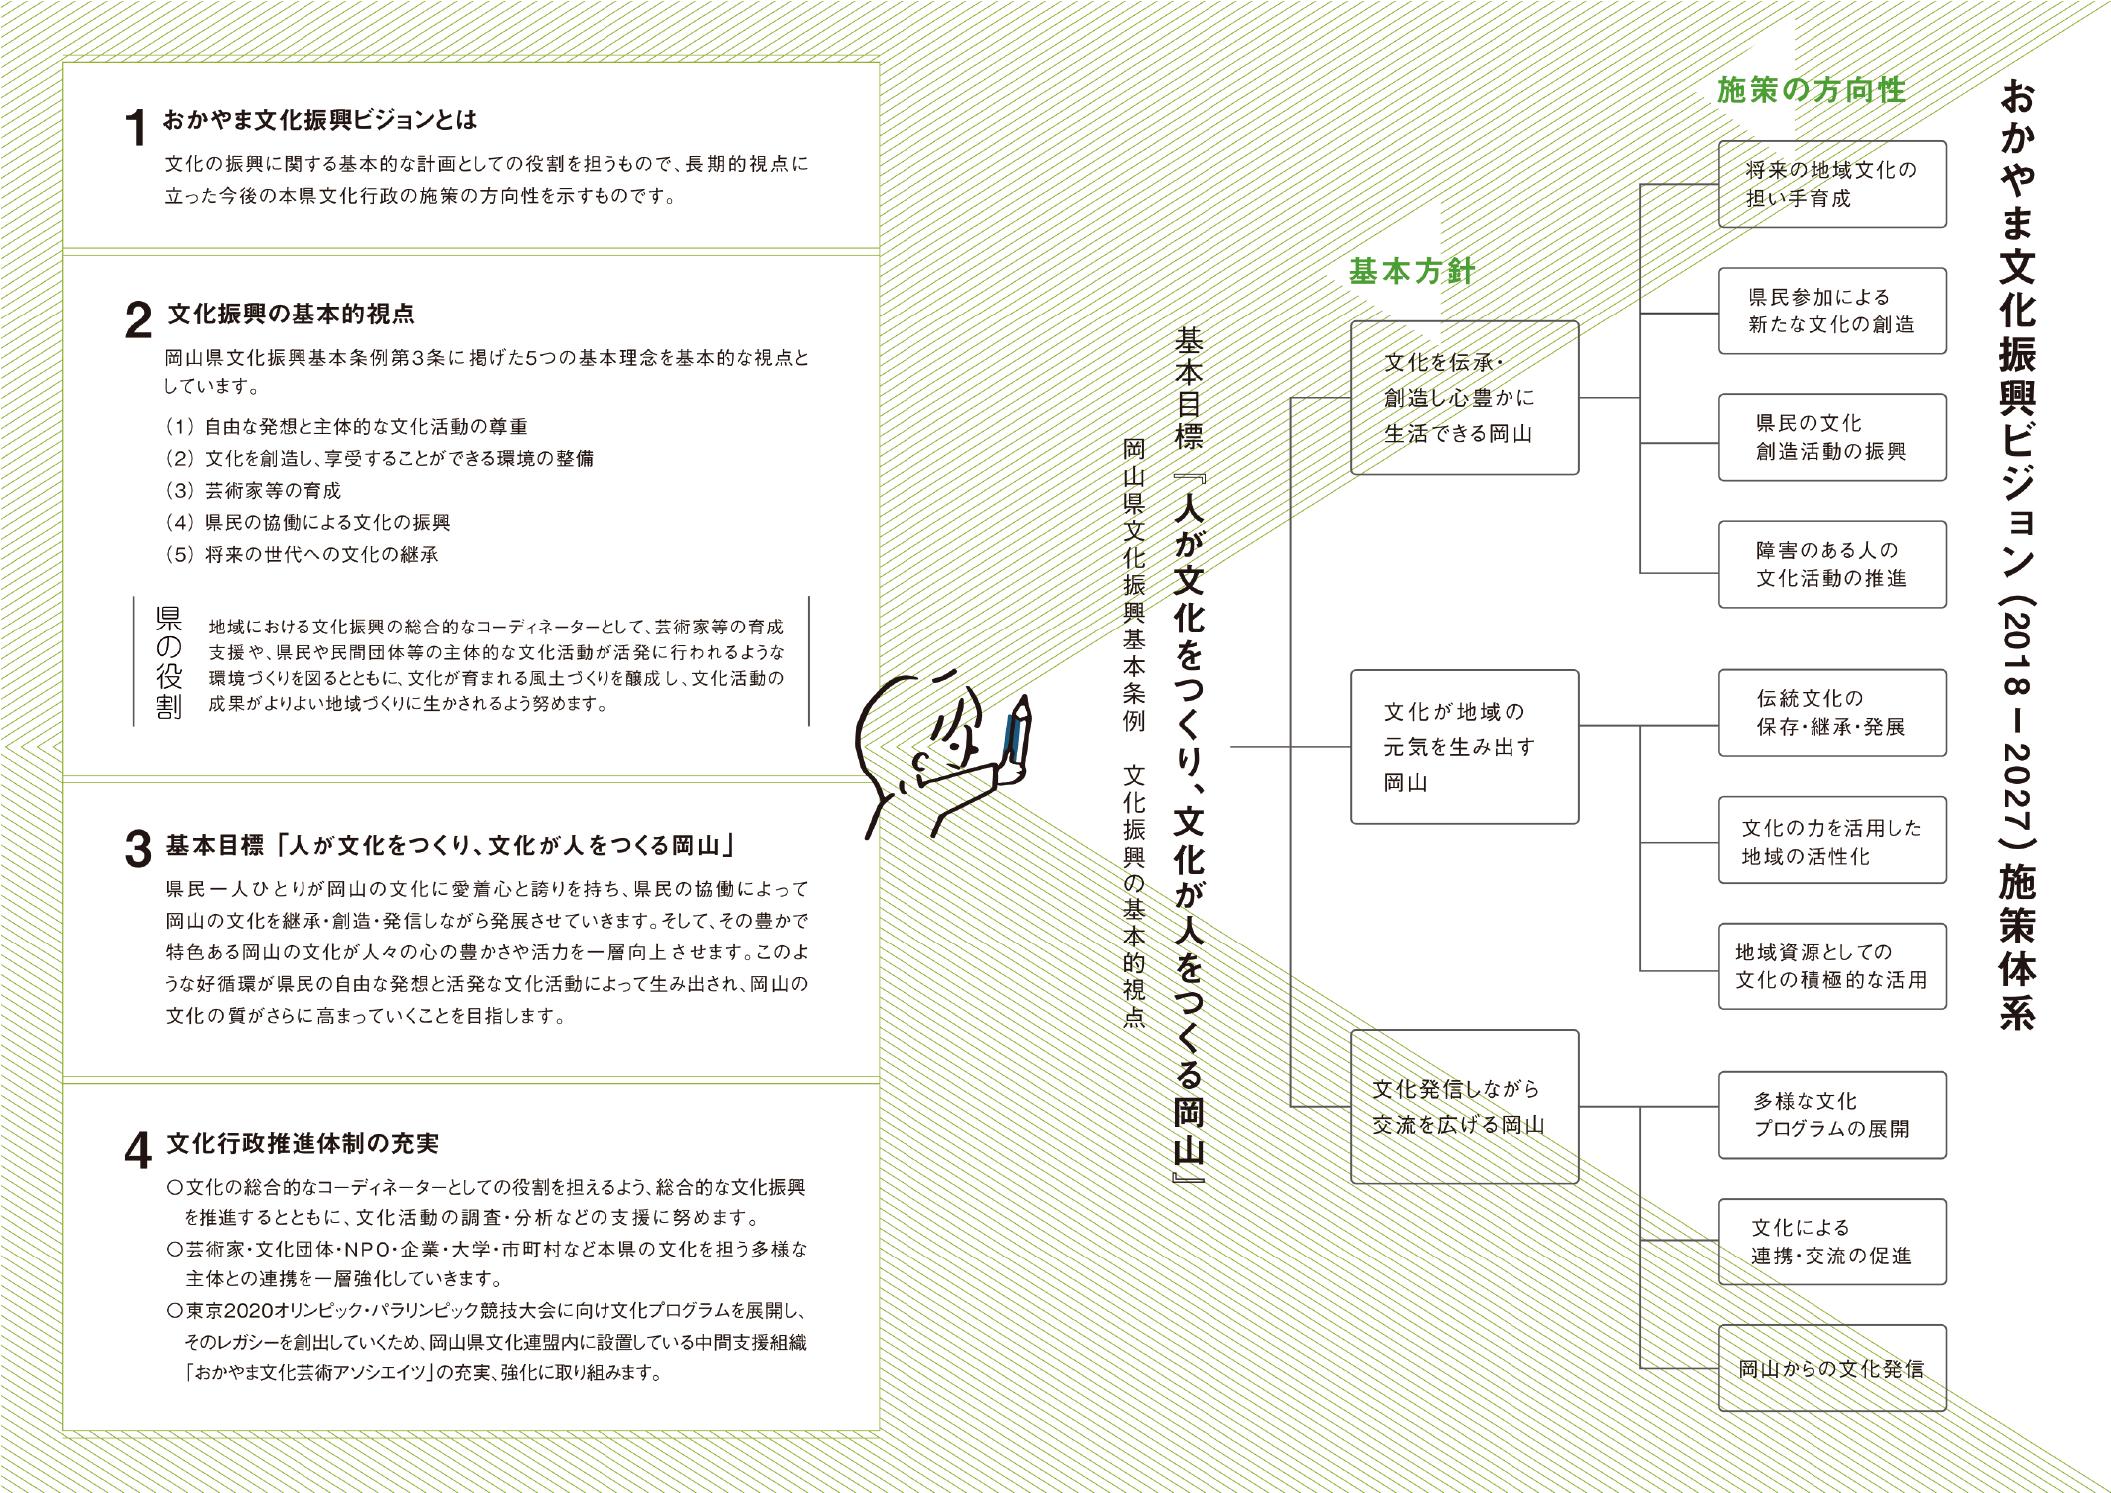 おかやま文化振興ビジョン 2018〜2027が公開!